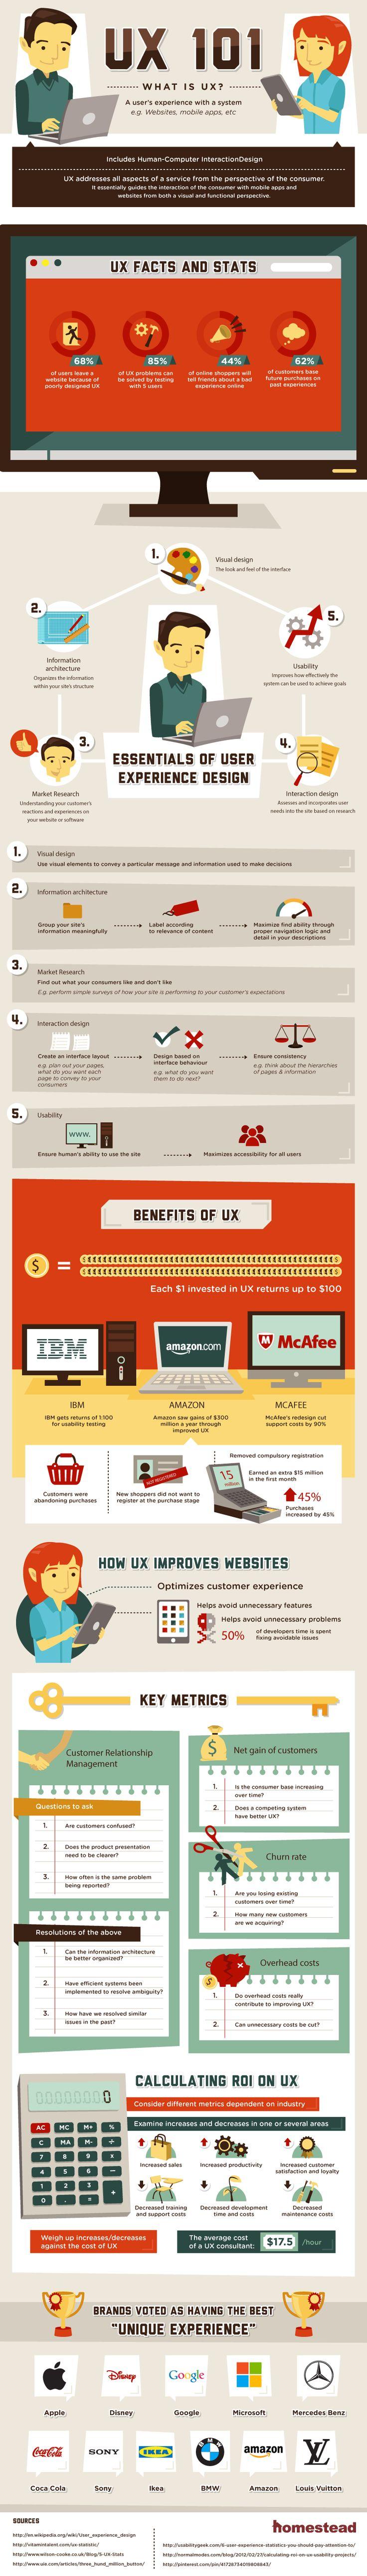 Expérience utilisateur (UX) - Infographie qui parle clairement des bénéfices directs en ROI en investissant dessus.